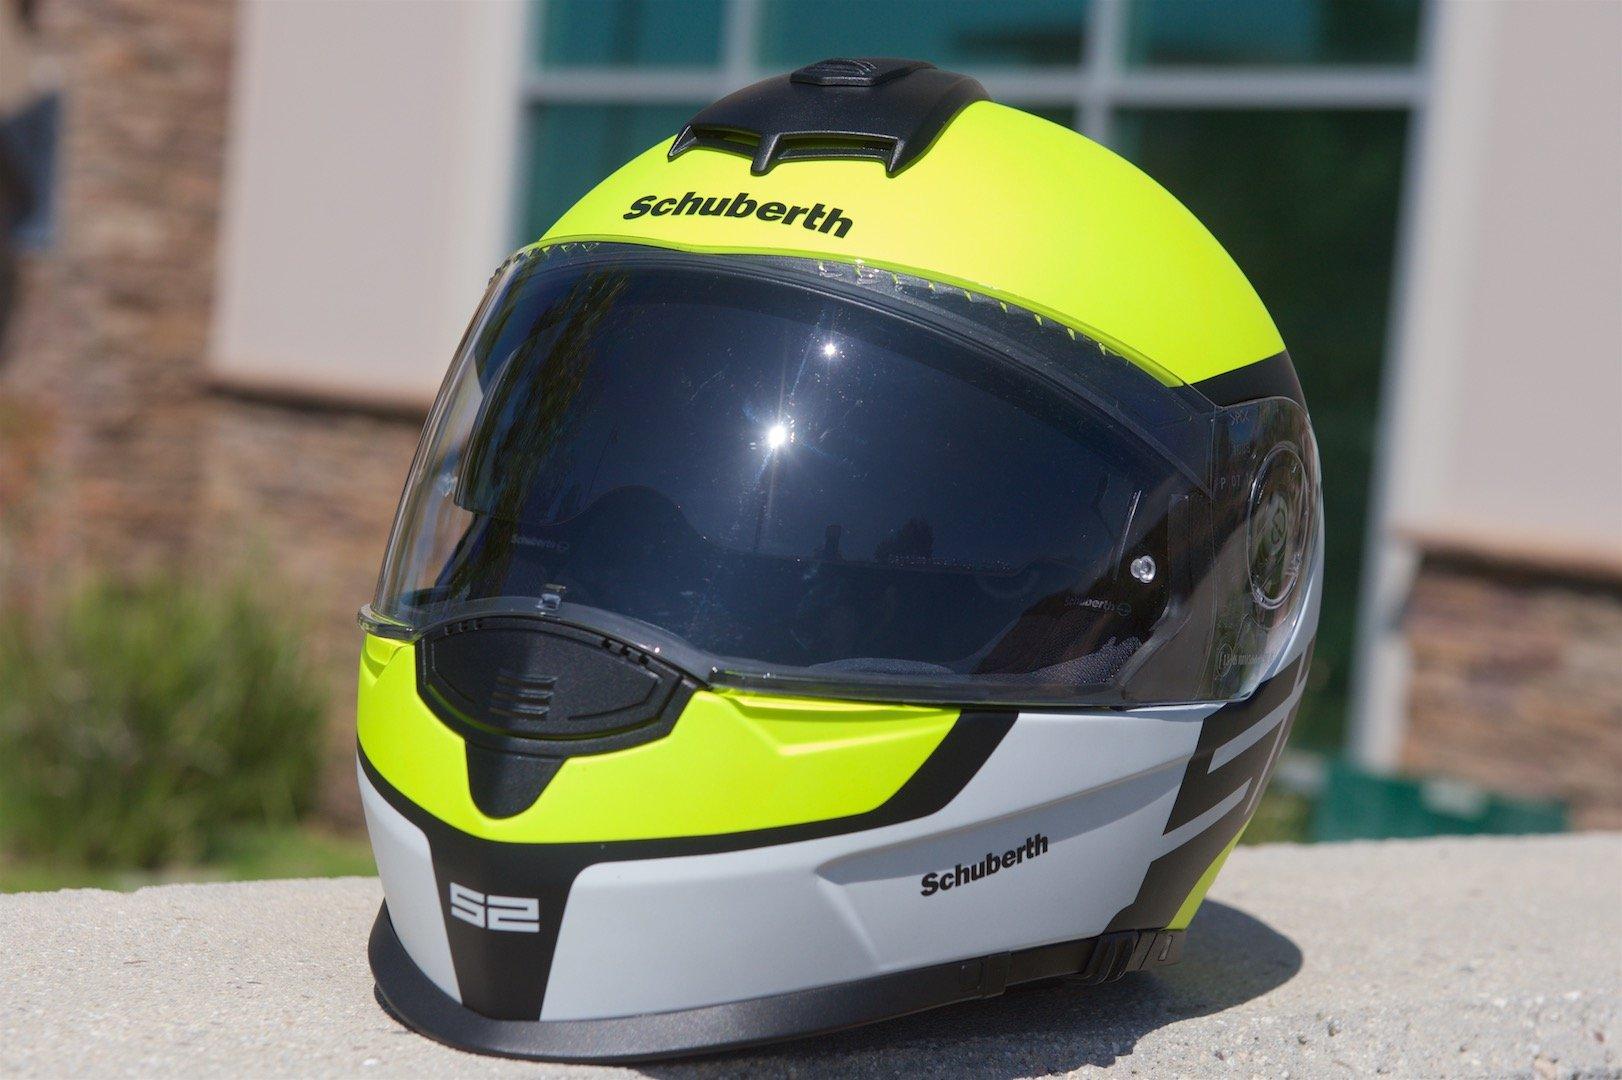 Schuberth S2 Review >> Schubert S2 Sport Review Premium Motorcycle Helmet